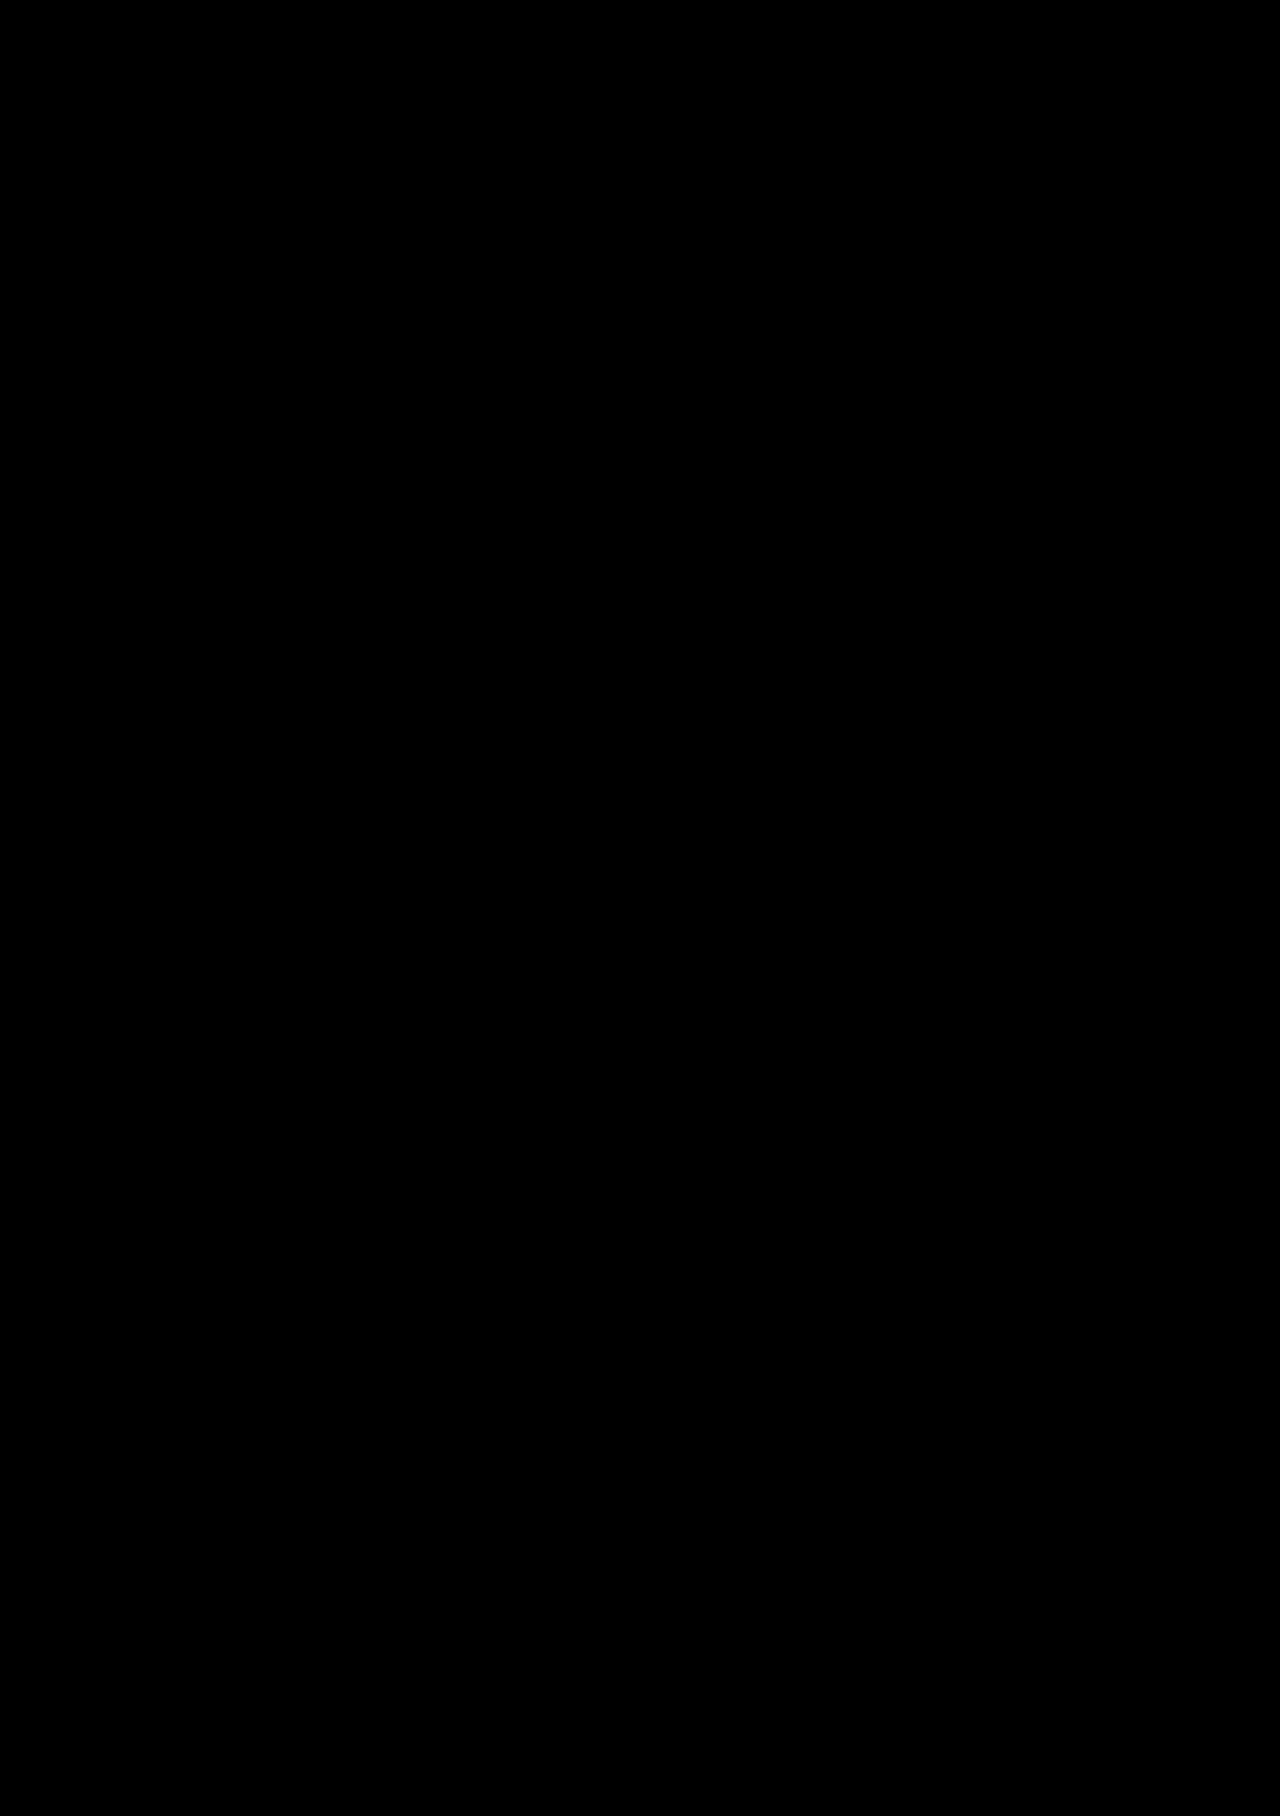 Inkou Oukoku 3